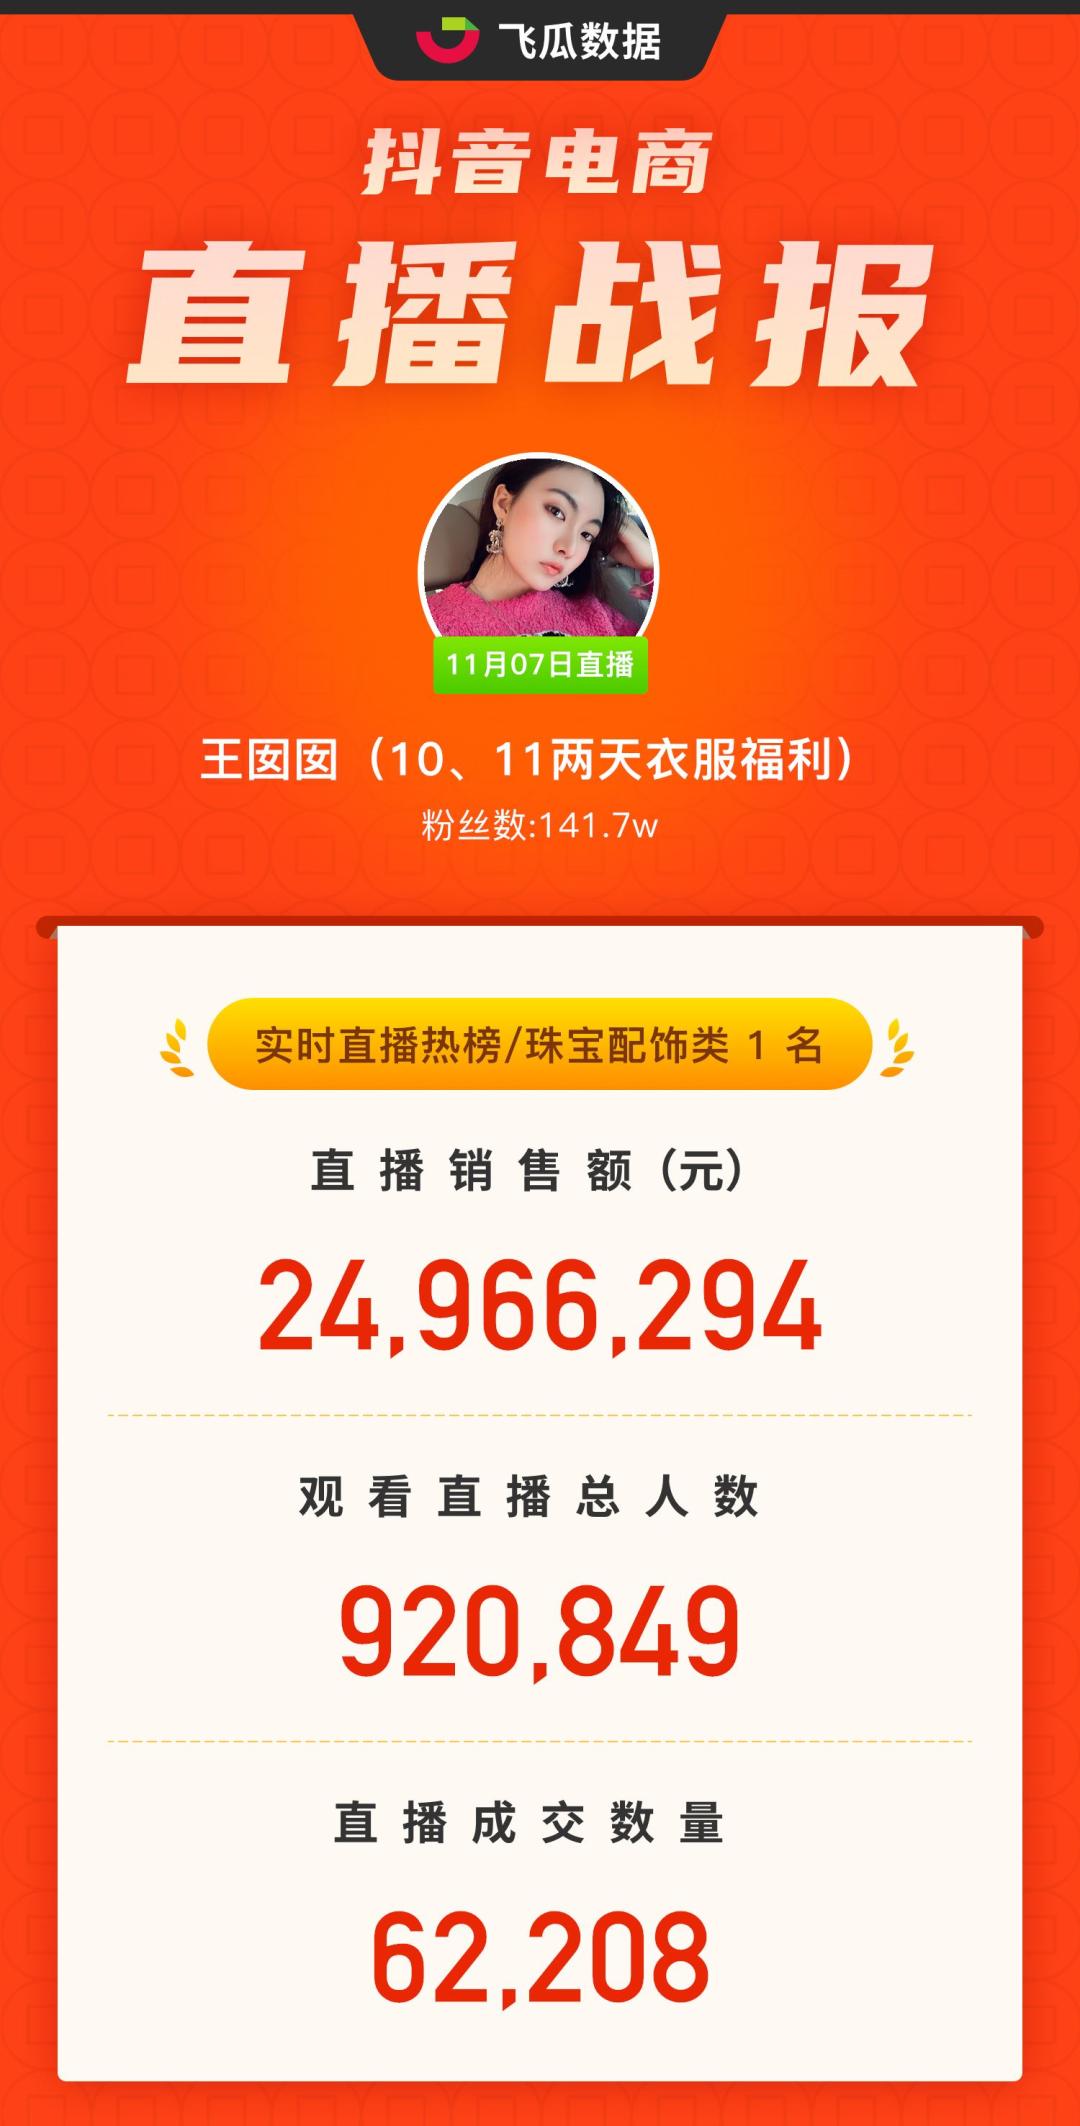 双11抖音直播带货达人榜:141万粉主播逆天带货2495万